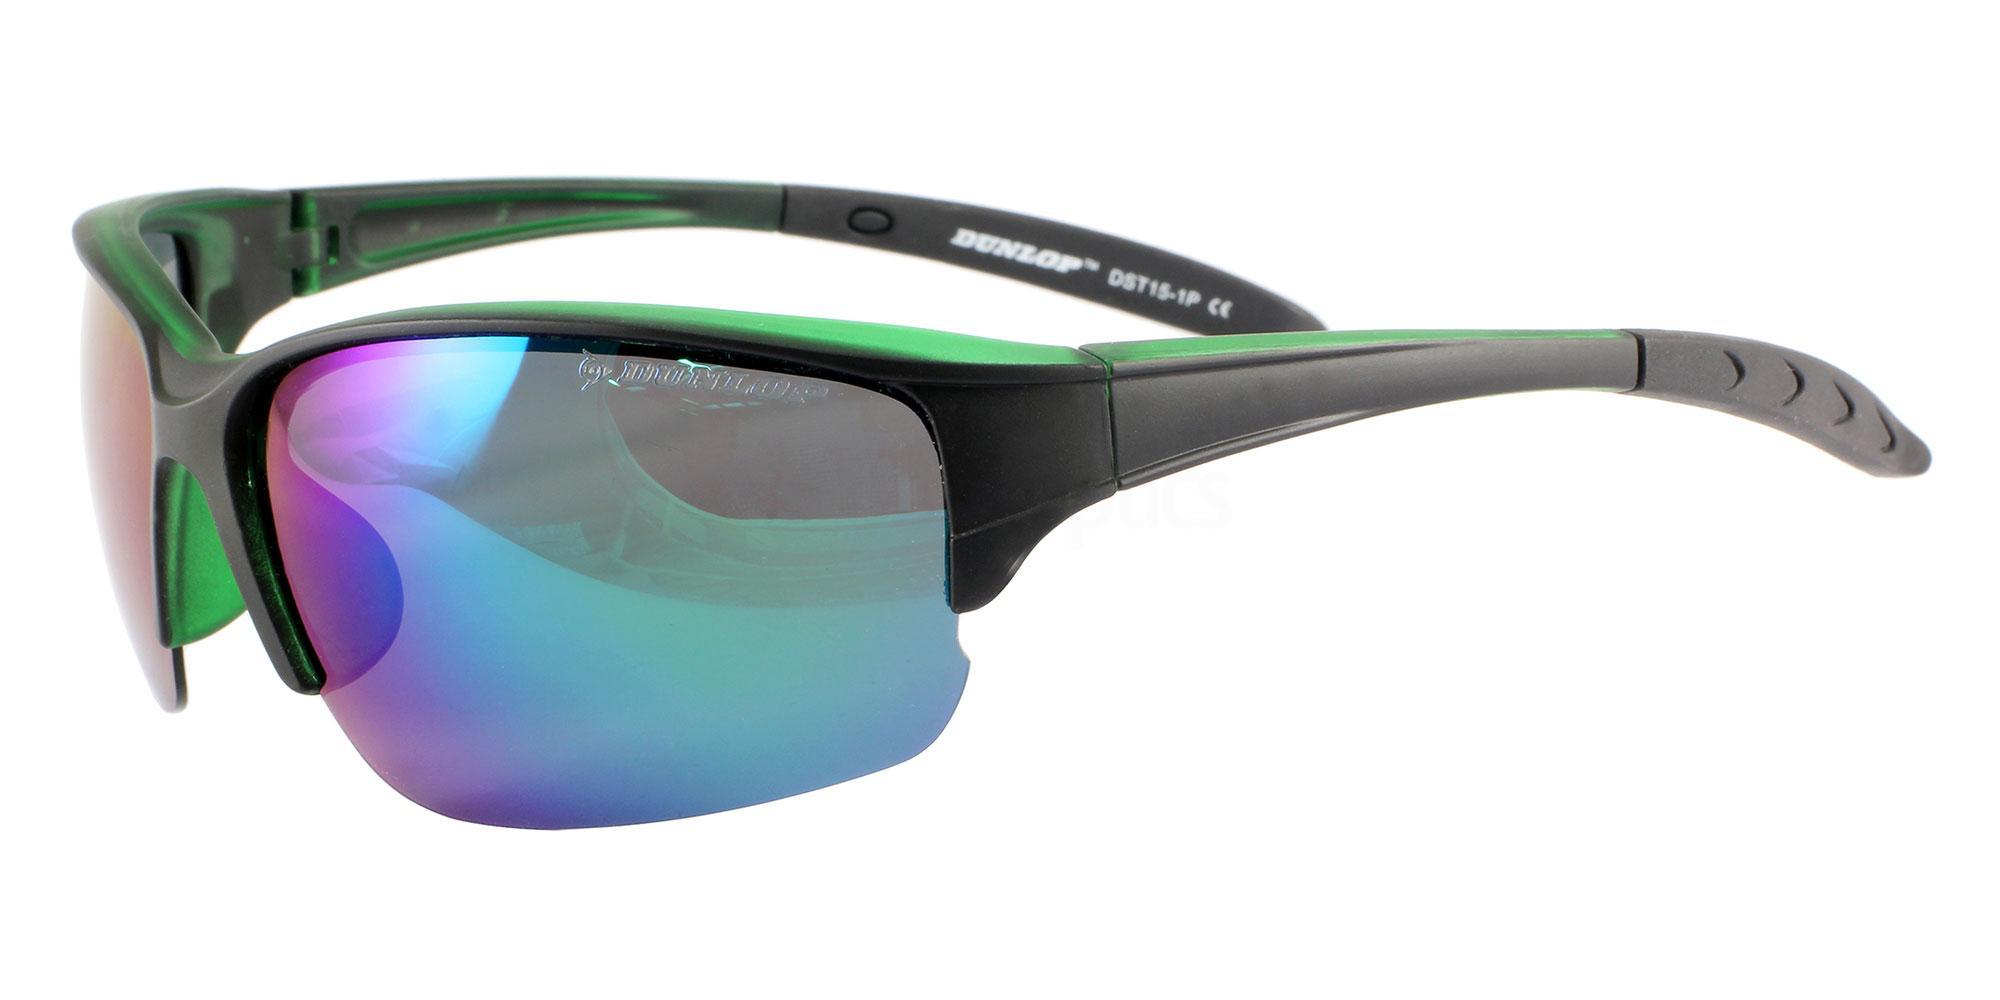 DST15-1P DST15 Sunglasses, Dunlop Sport